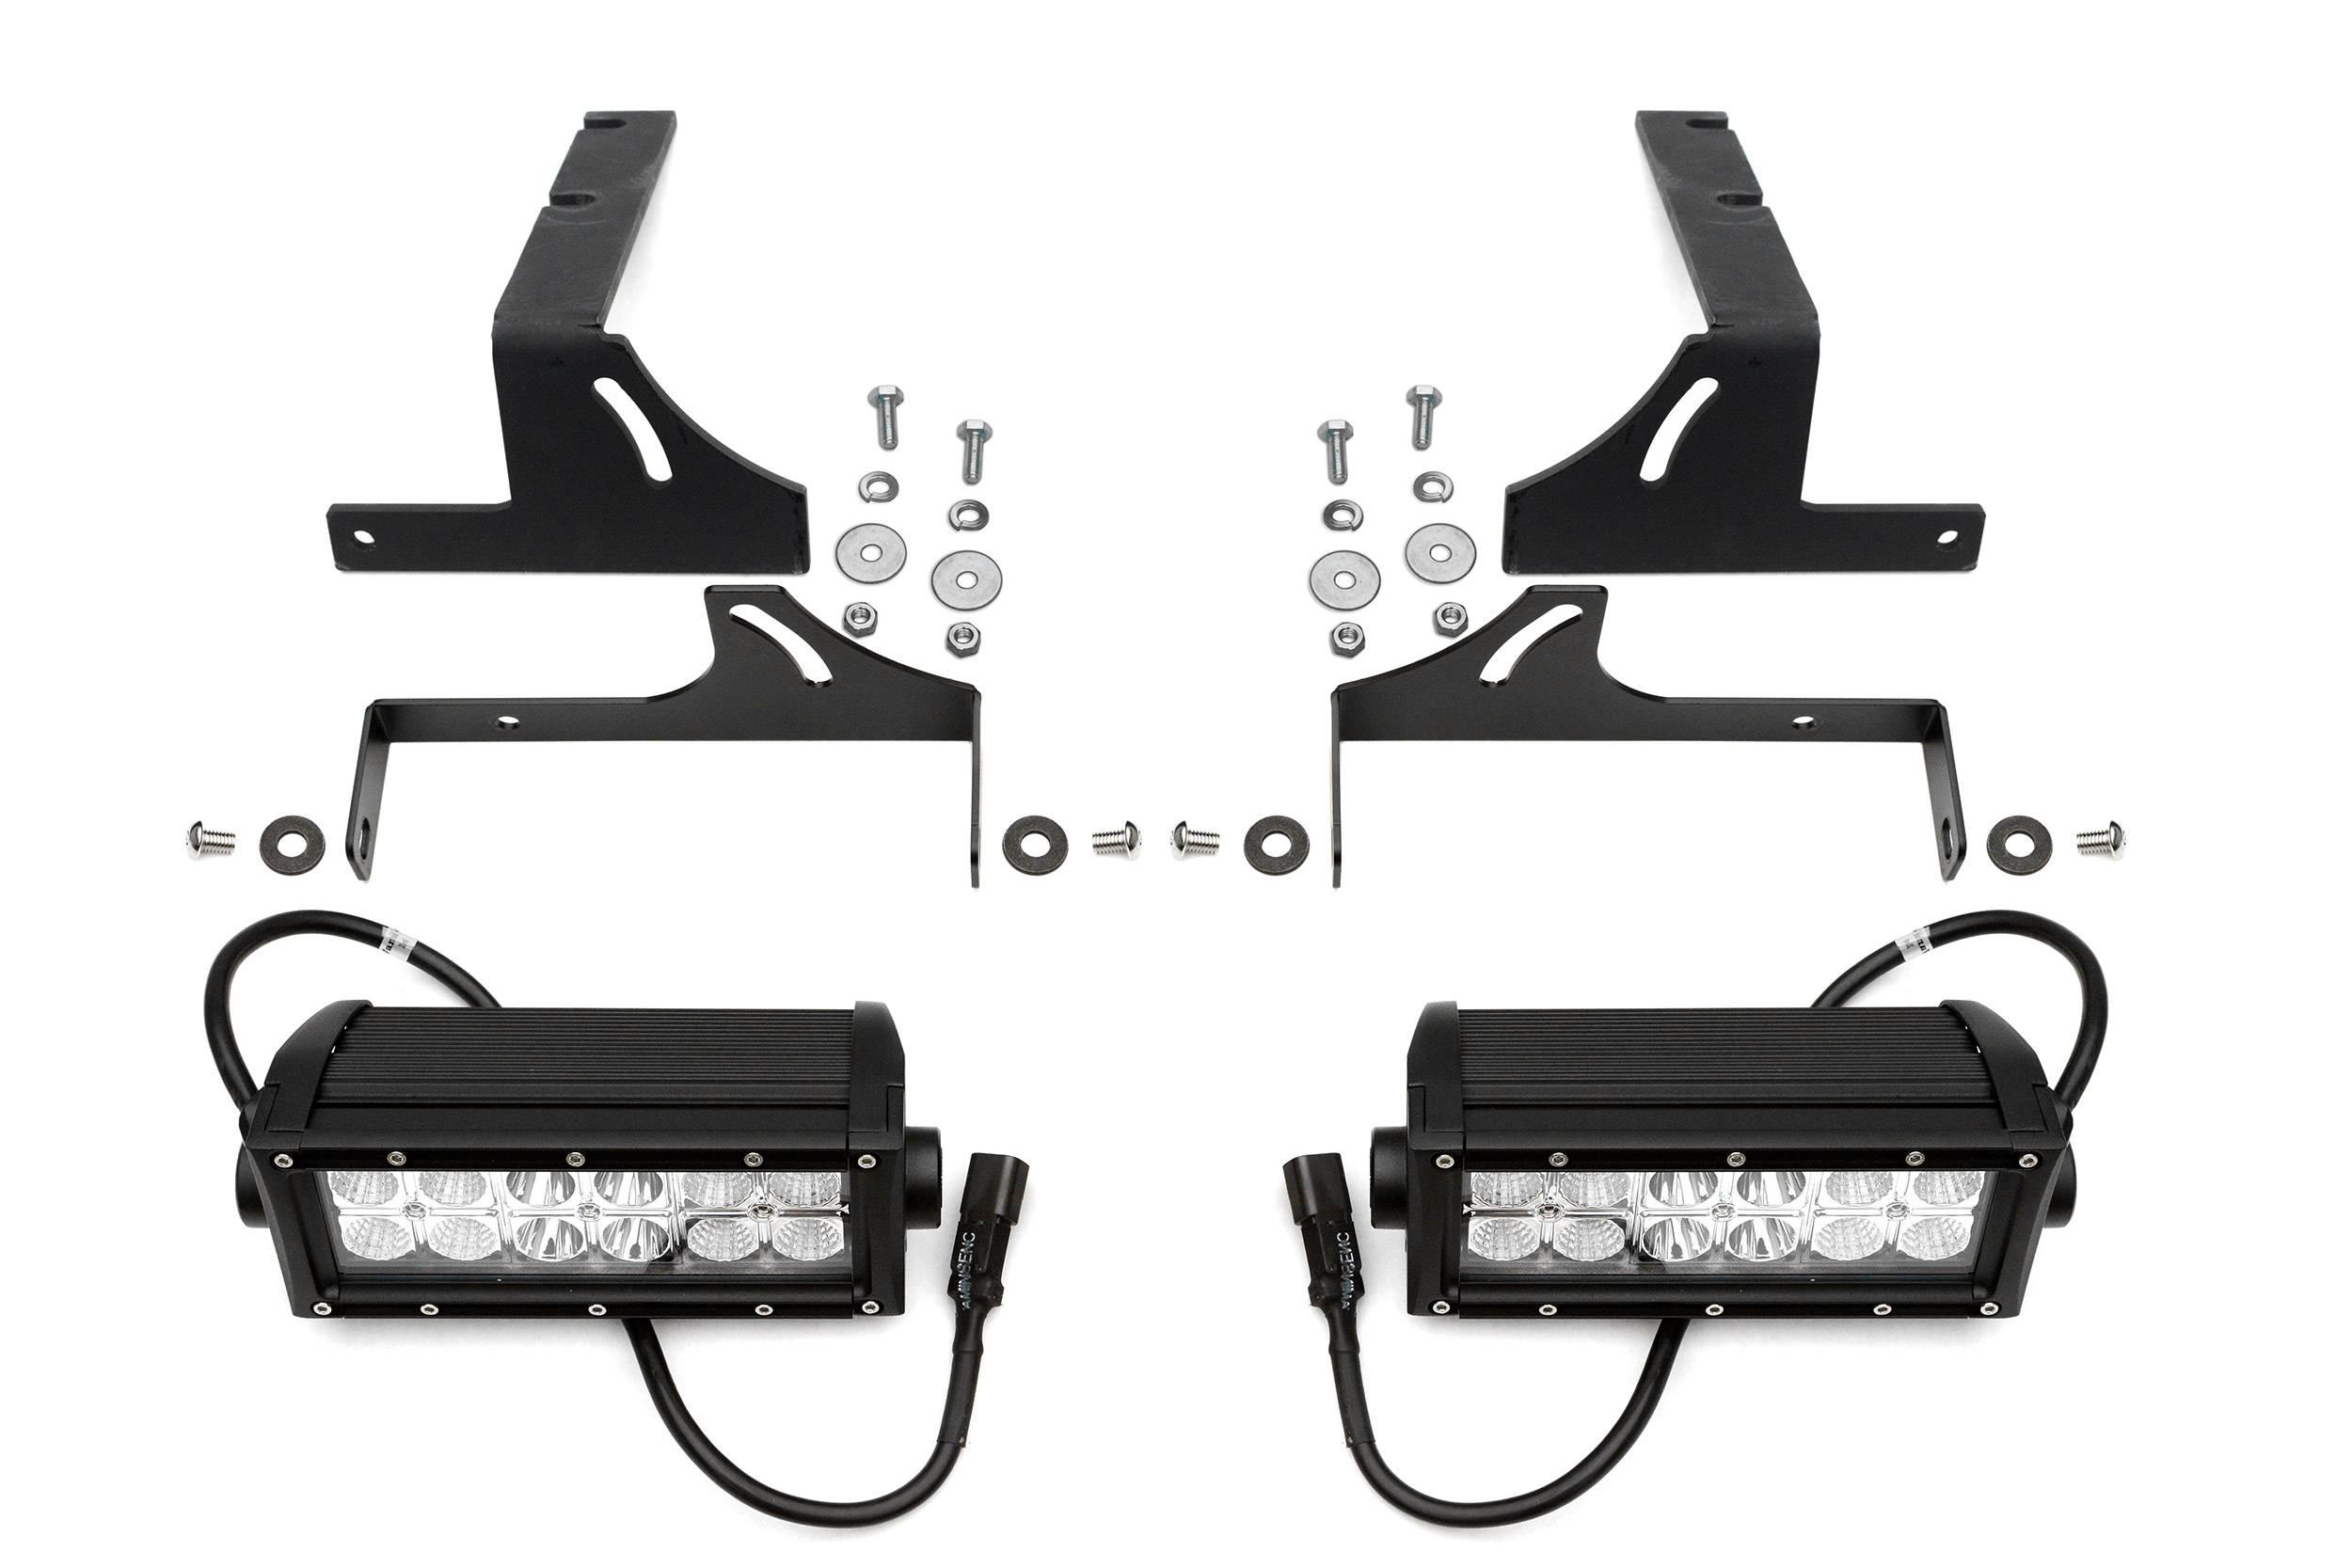 ZROADZ                                             - 2015-2019 Silverado, Sierra HD Diesel models - Rear Bumper LED Bracket to mount (2) 6 Inch Straight Light Bar - PN #Z381421